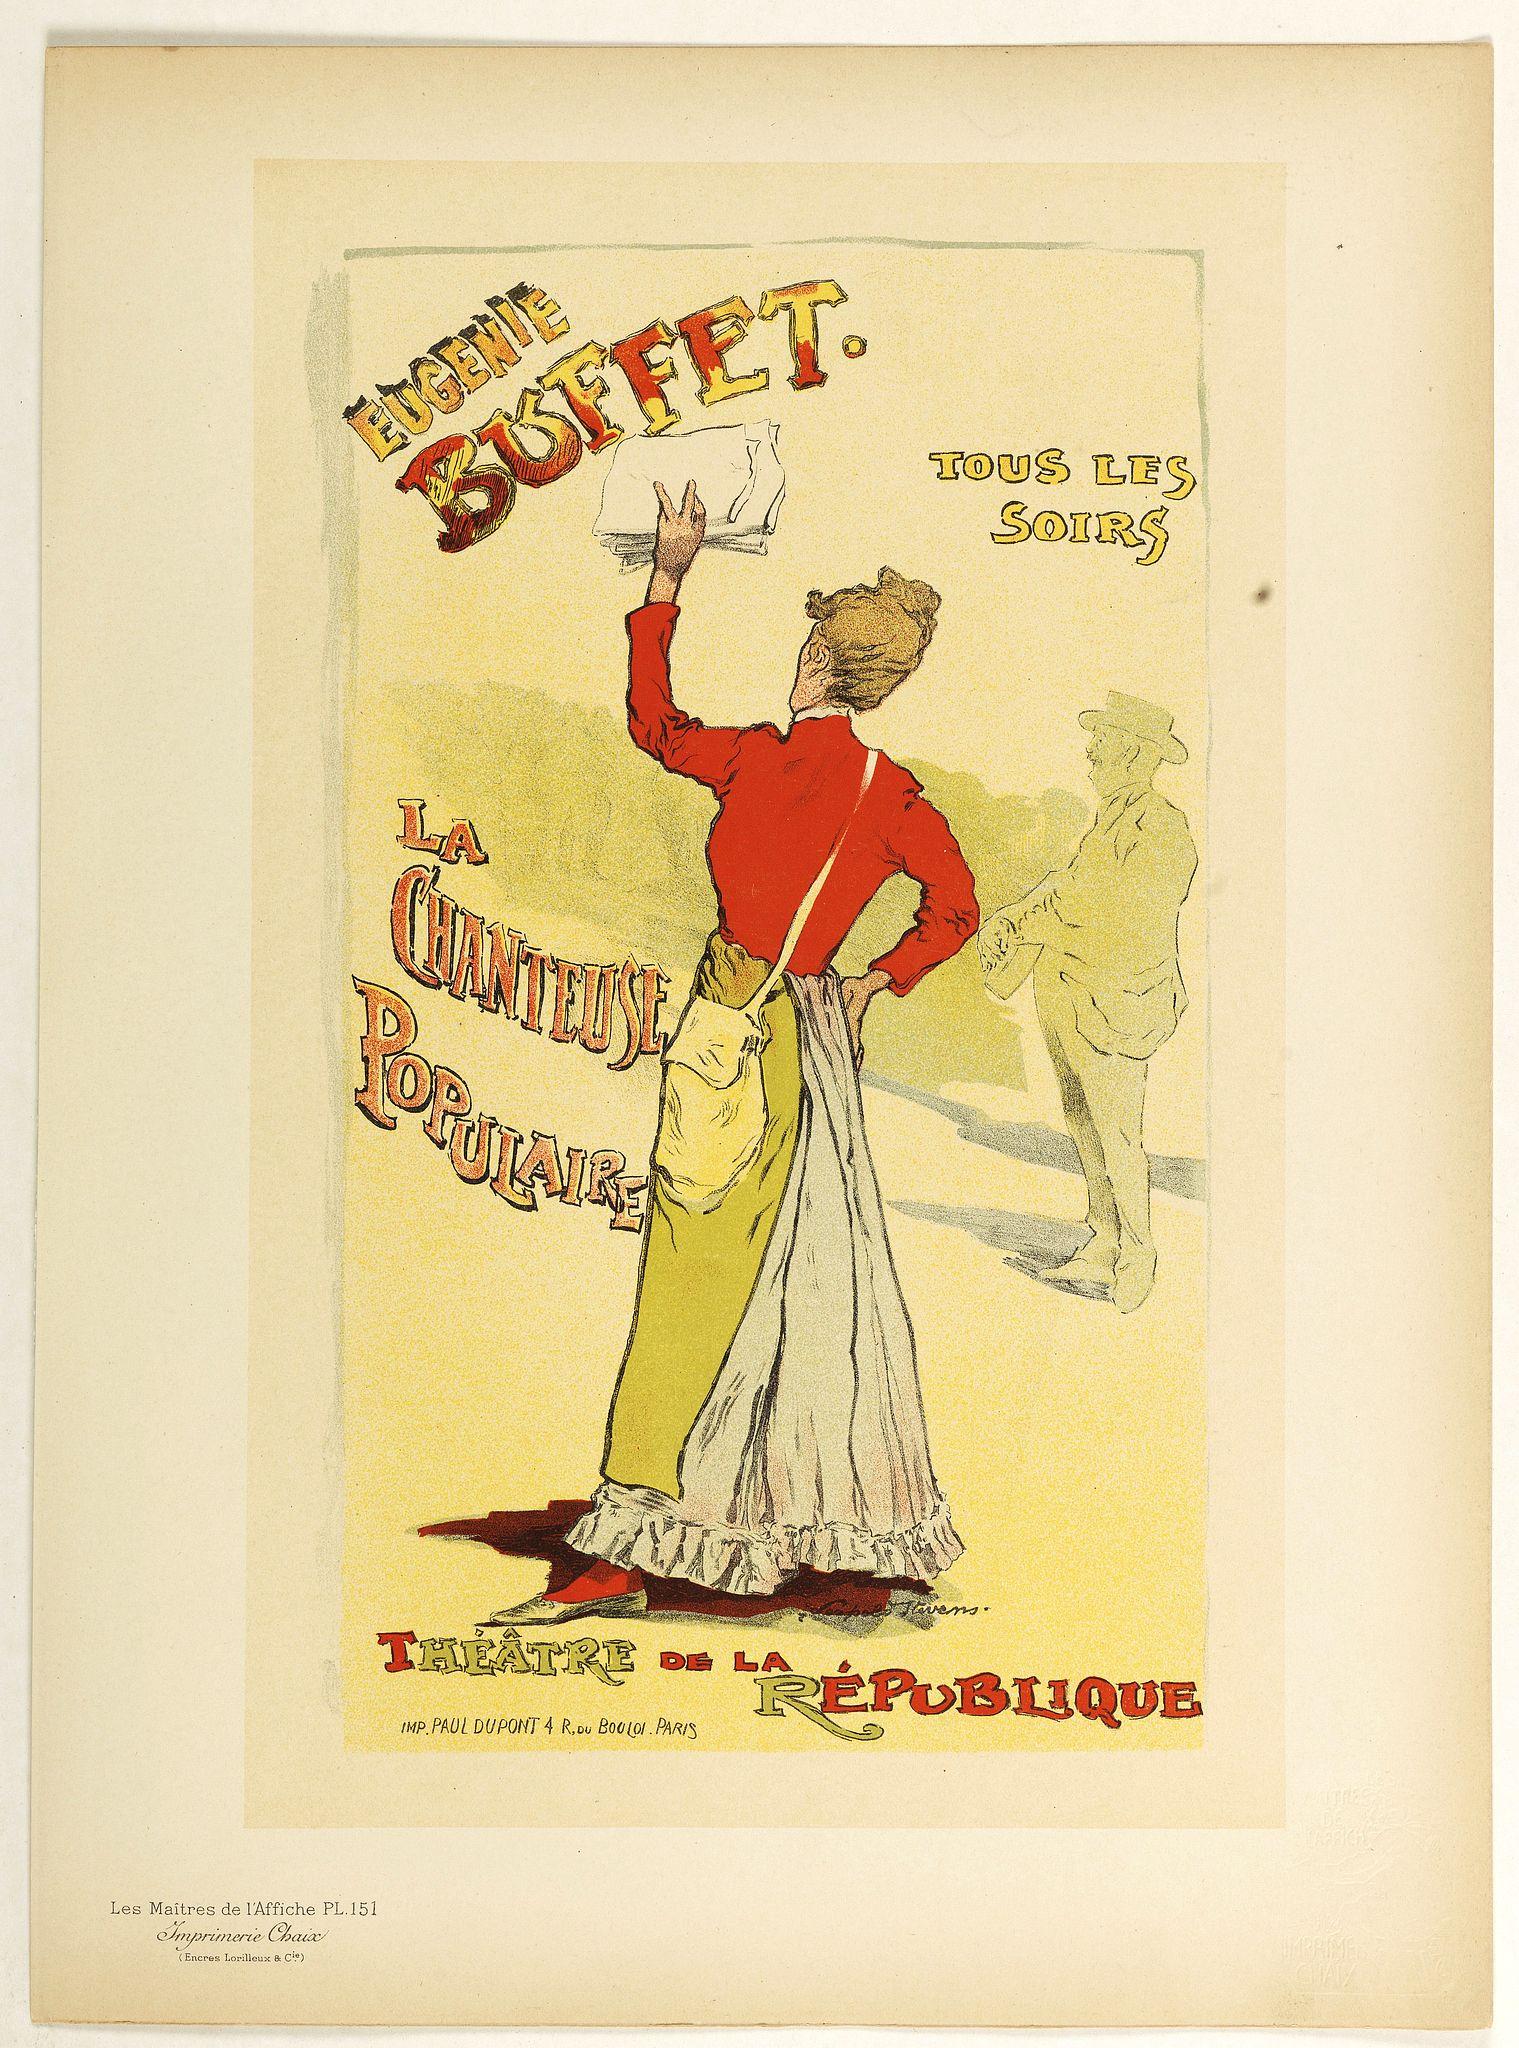 LES MAITRES DE L'AFFICHE -  Eugenie Buffet … La chanteuse popularize.